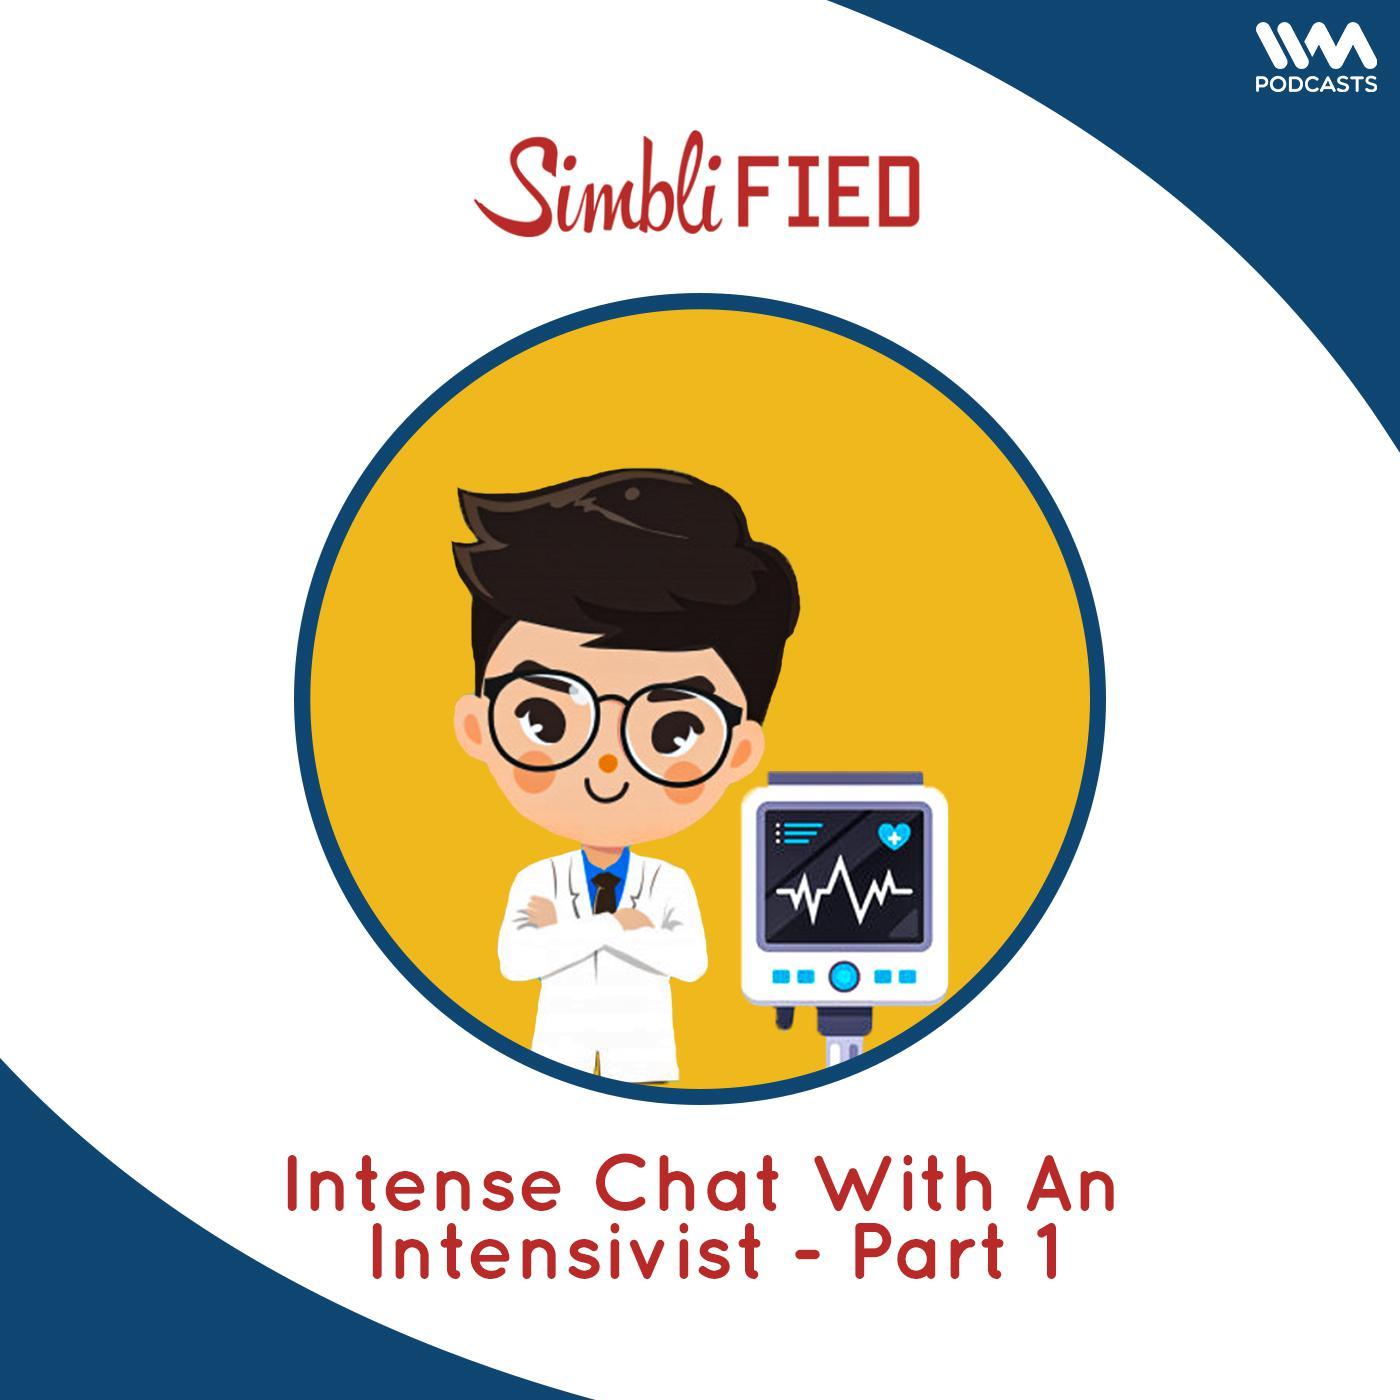 Intense Chat With An Intensivist - Part 1